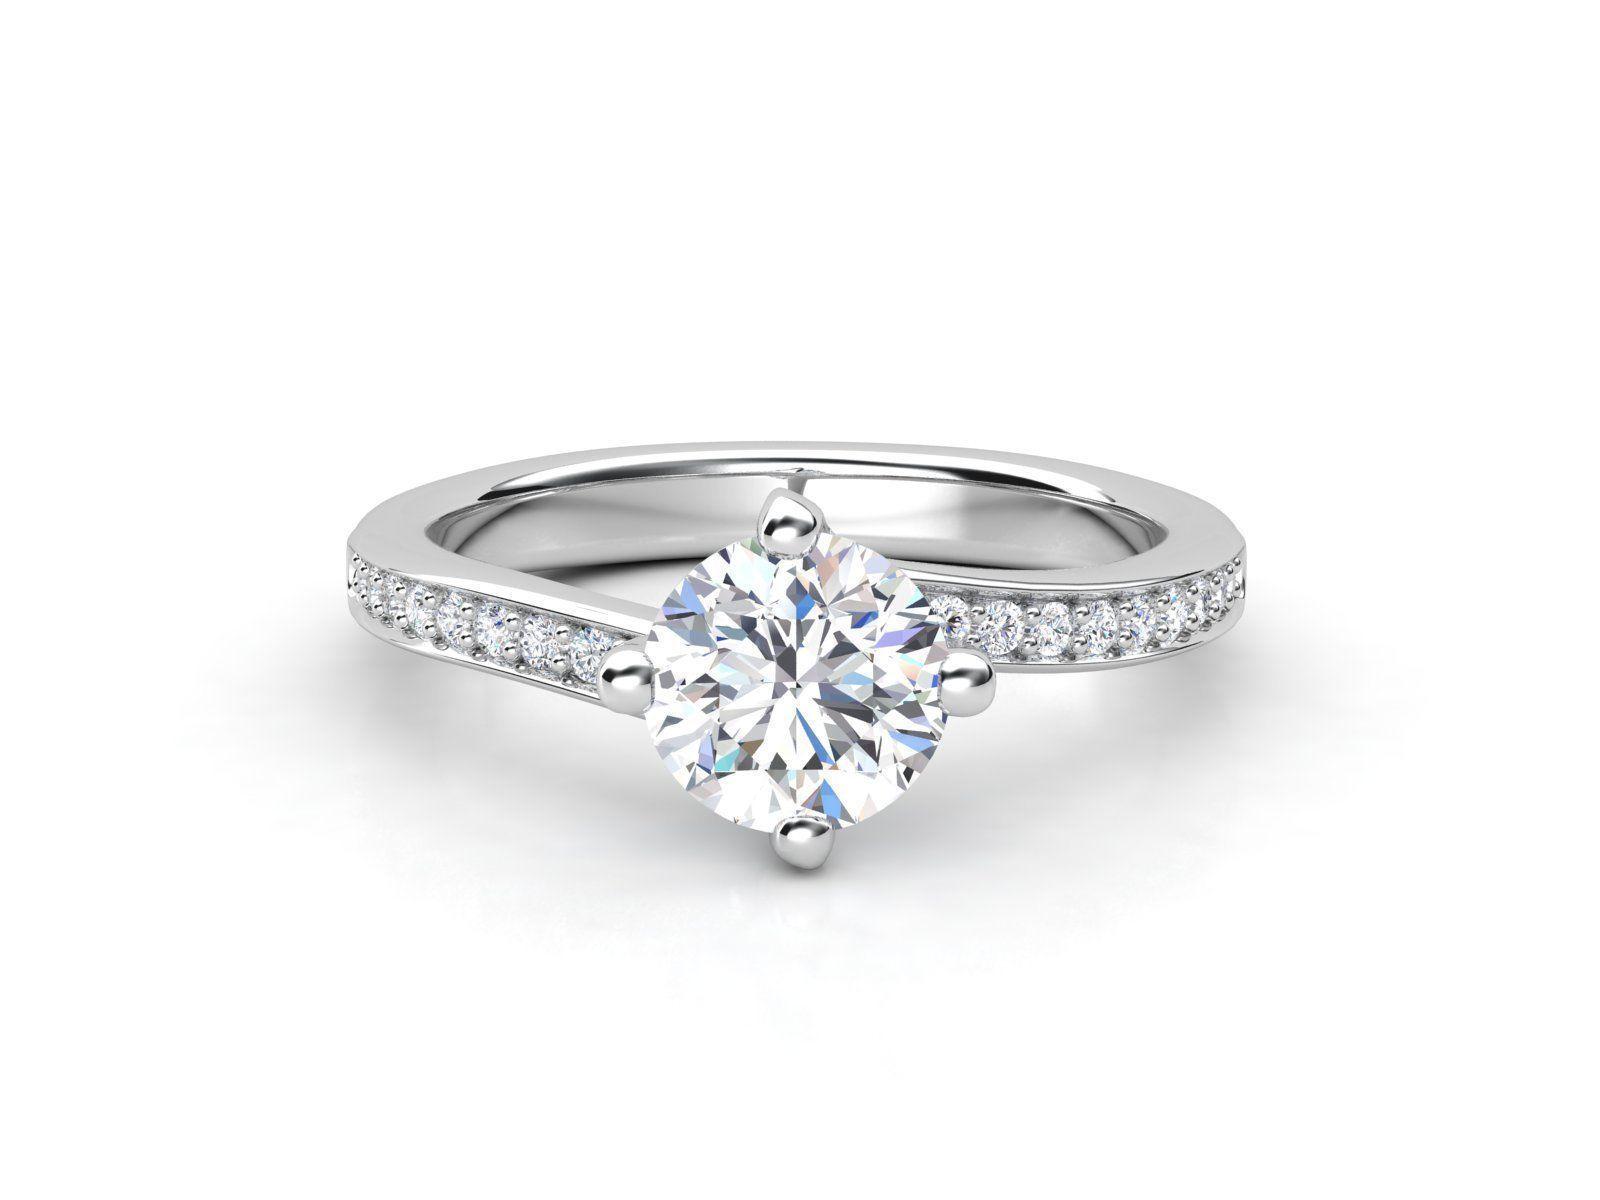 סנסציוני טבעת אירוסין פאווה טוויסט זהב לבן - 0.53 קראט יהלומים | Romero.co.il YG-86